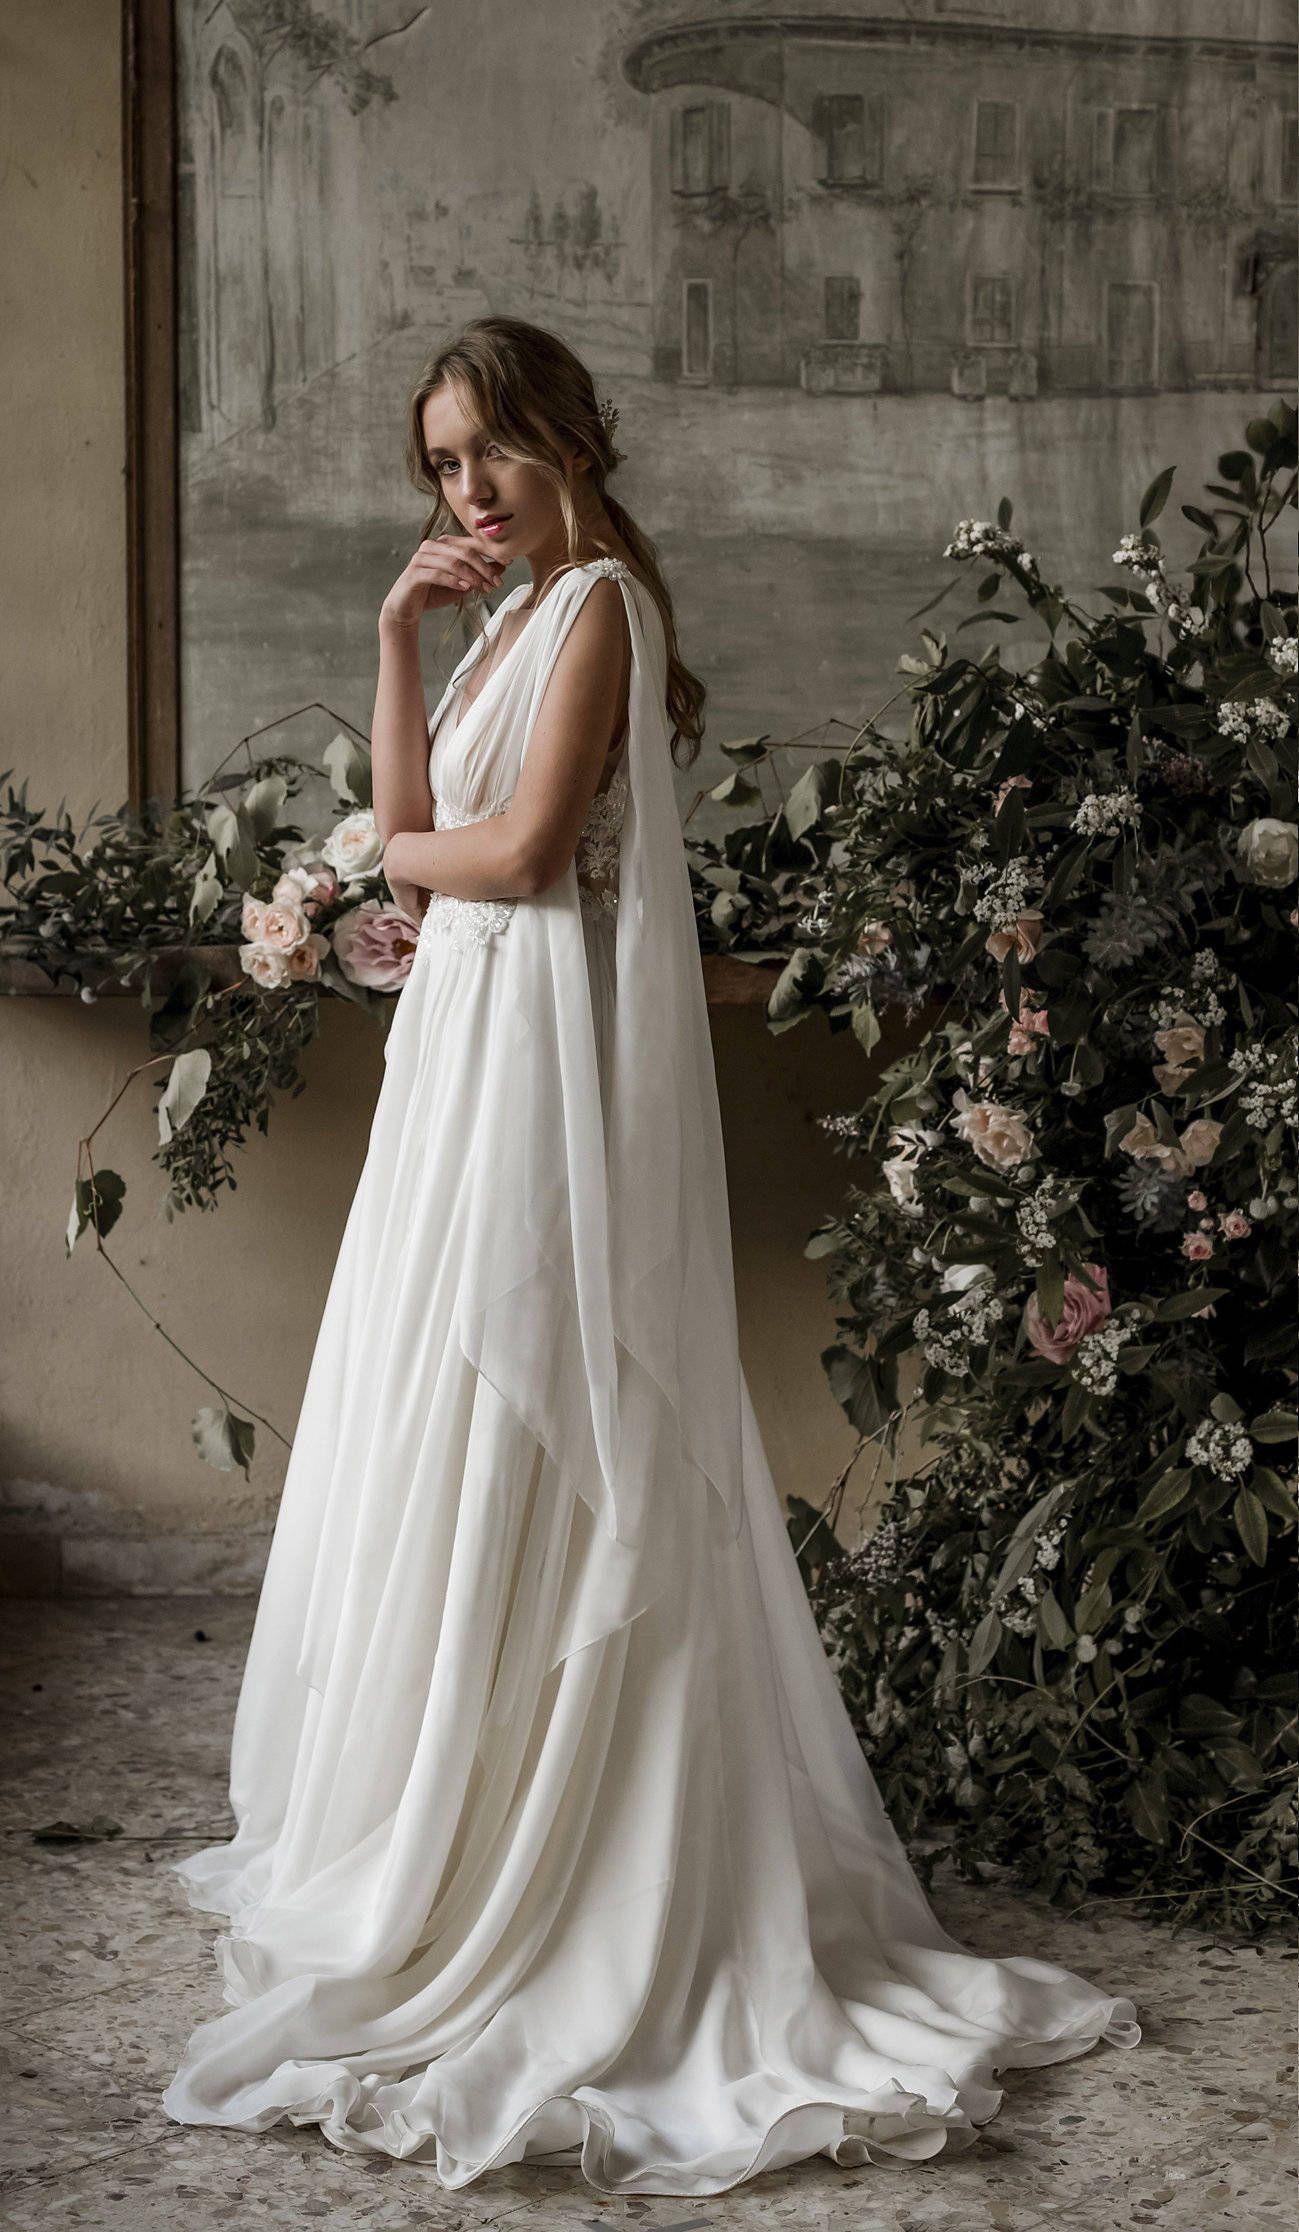 Grecian Wedding Dress Grecian Wedding Gown Grecian Bridal Gown Bohemian Wedding Dress Boho Wedding Dress Beach Wedding Dress Grecian Wedding Dress Grecian Wedding Wedding Dresses [ 2232 x 1299 Pixel ]